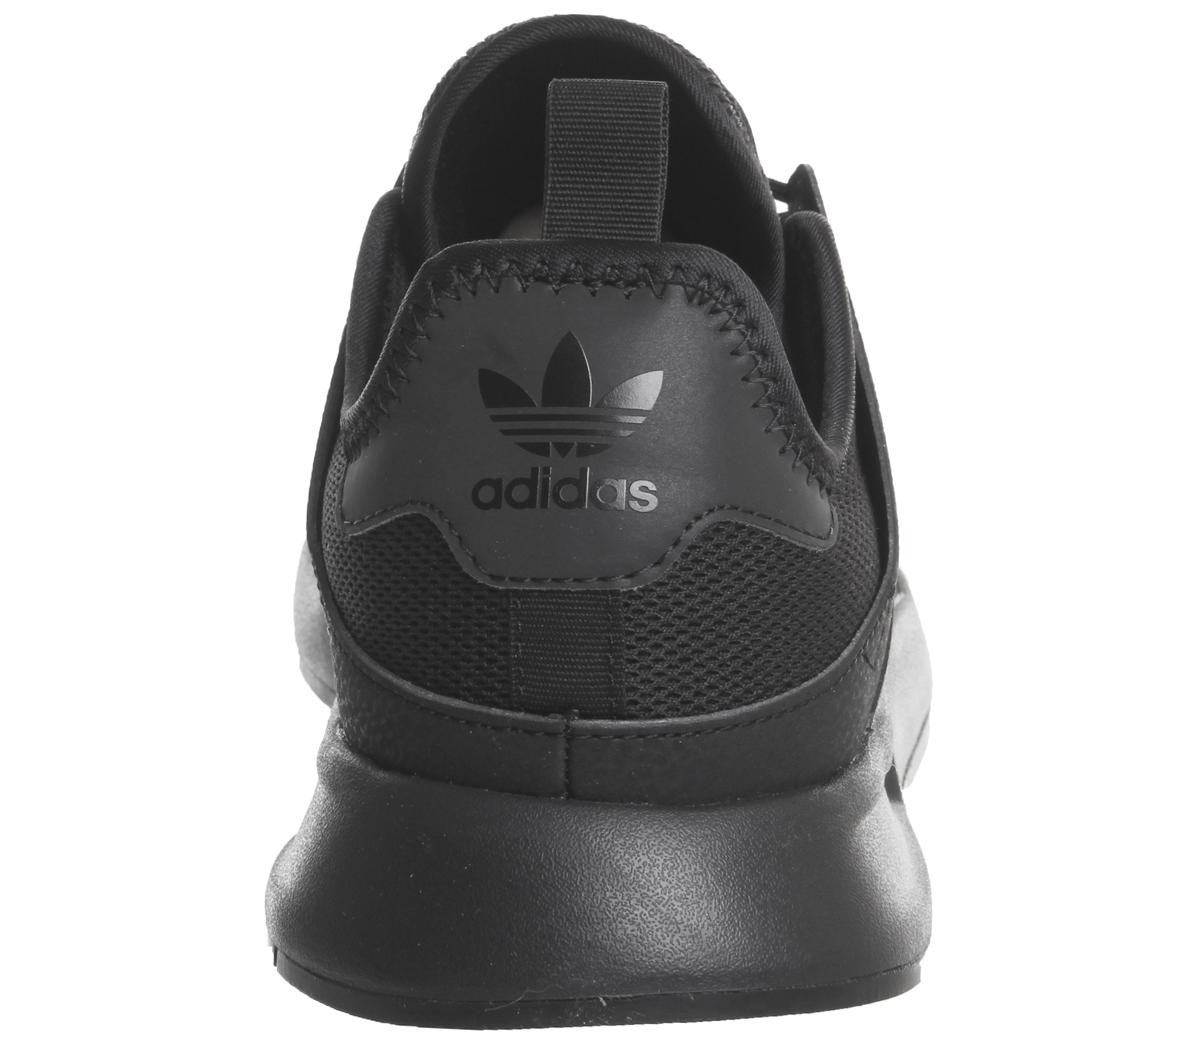 Adidas X_Plr Black Mono Trainers Shoes